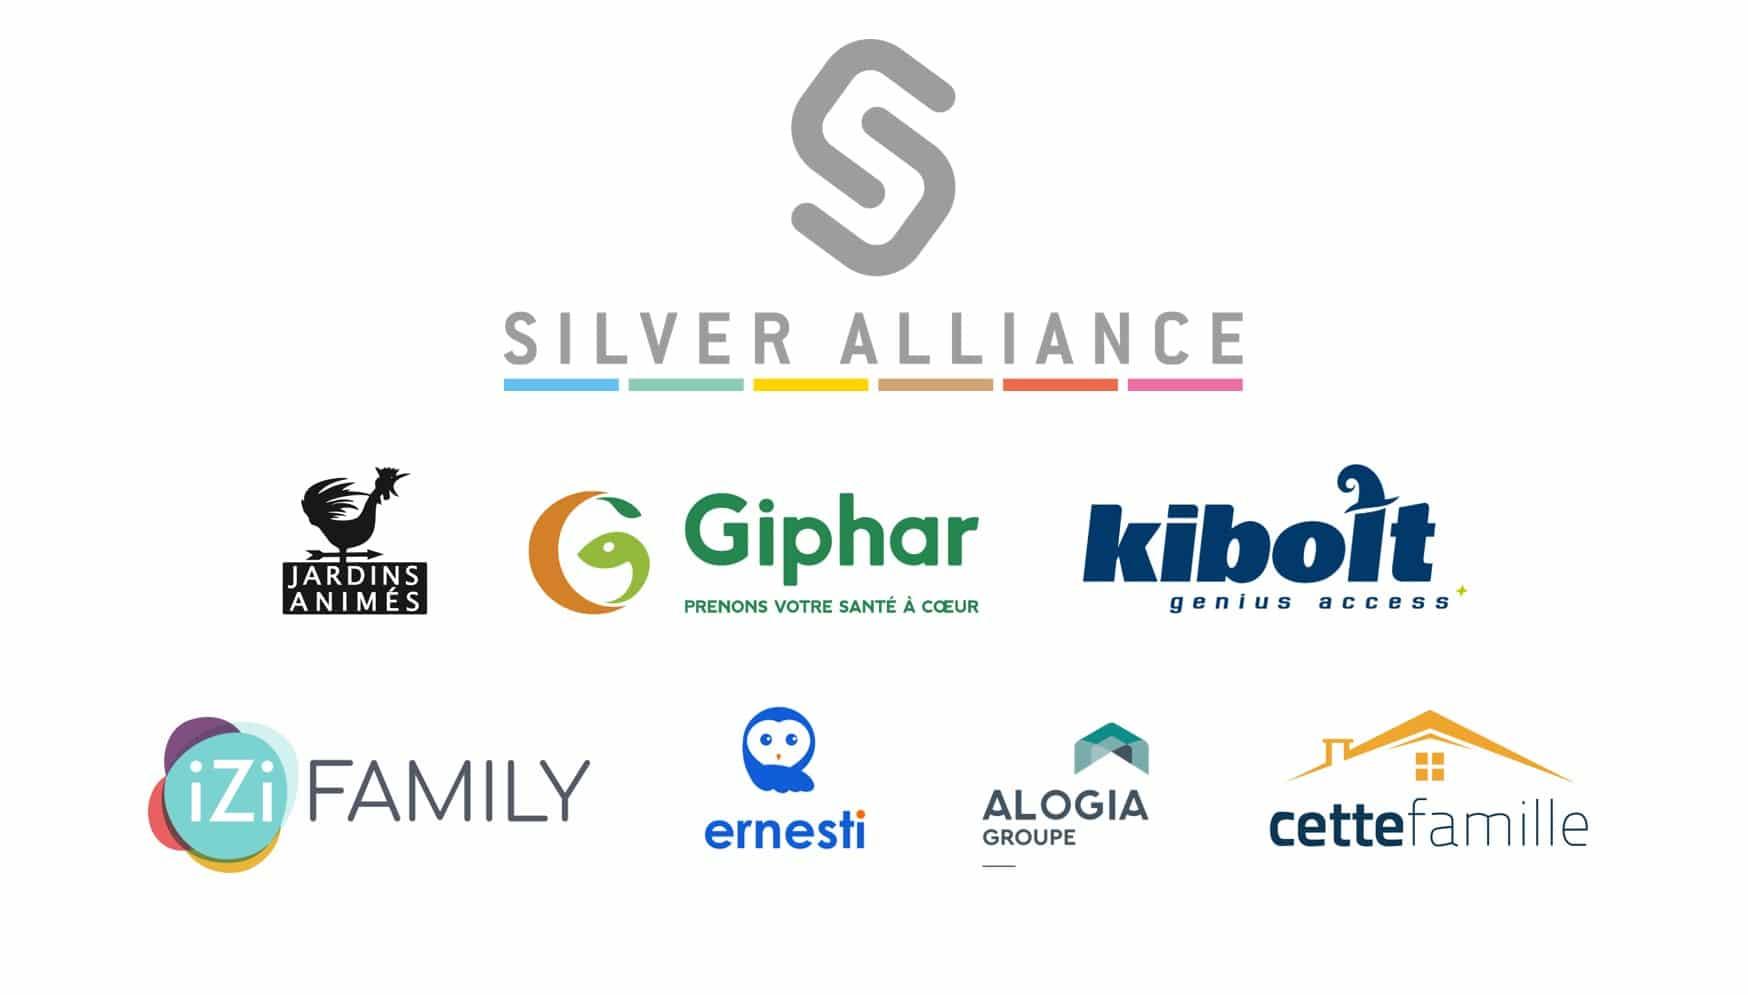 7 entreprises rejoignent Silver Alliance au premier semestre 2020